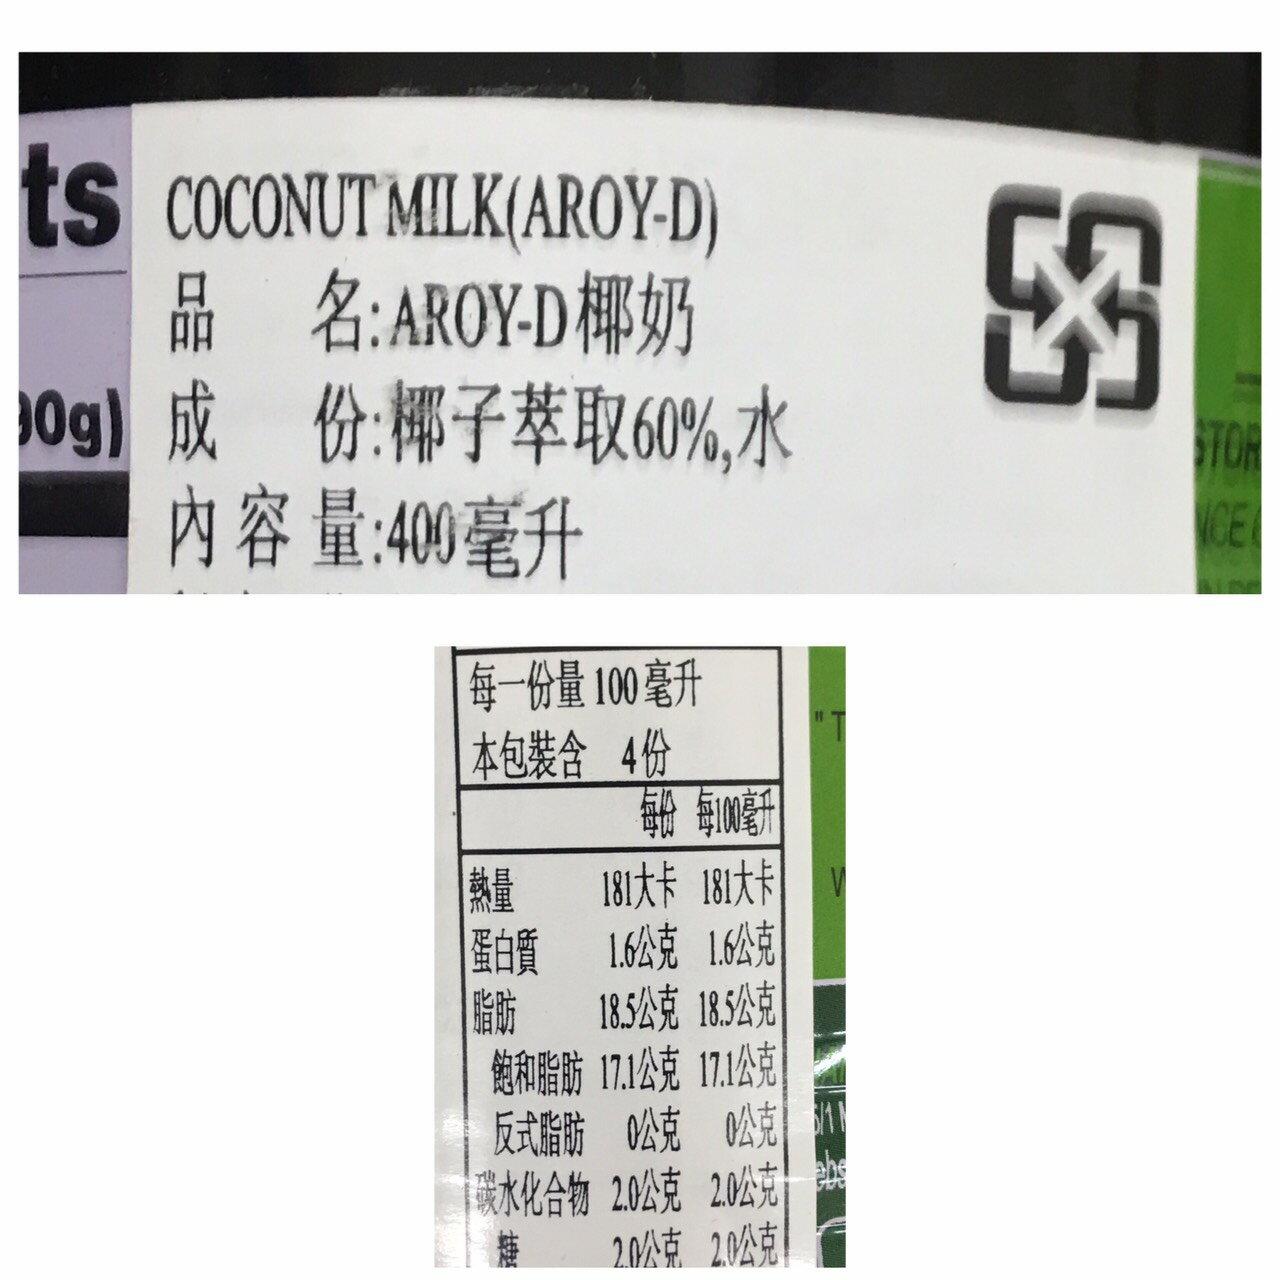 { 泰菲印越 }  A ROY-D 椰奶 椰漿  400ml 1